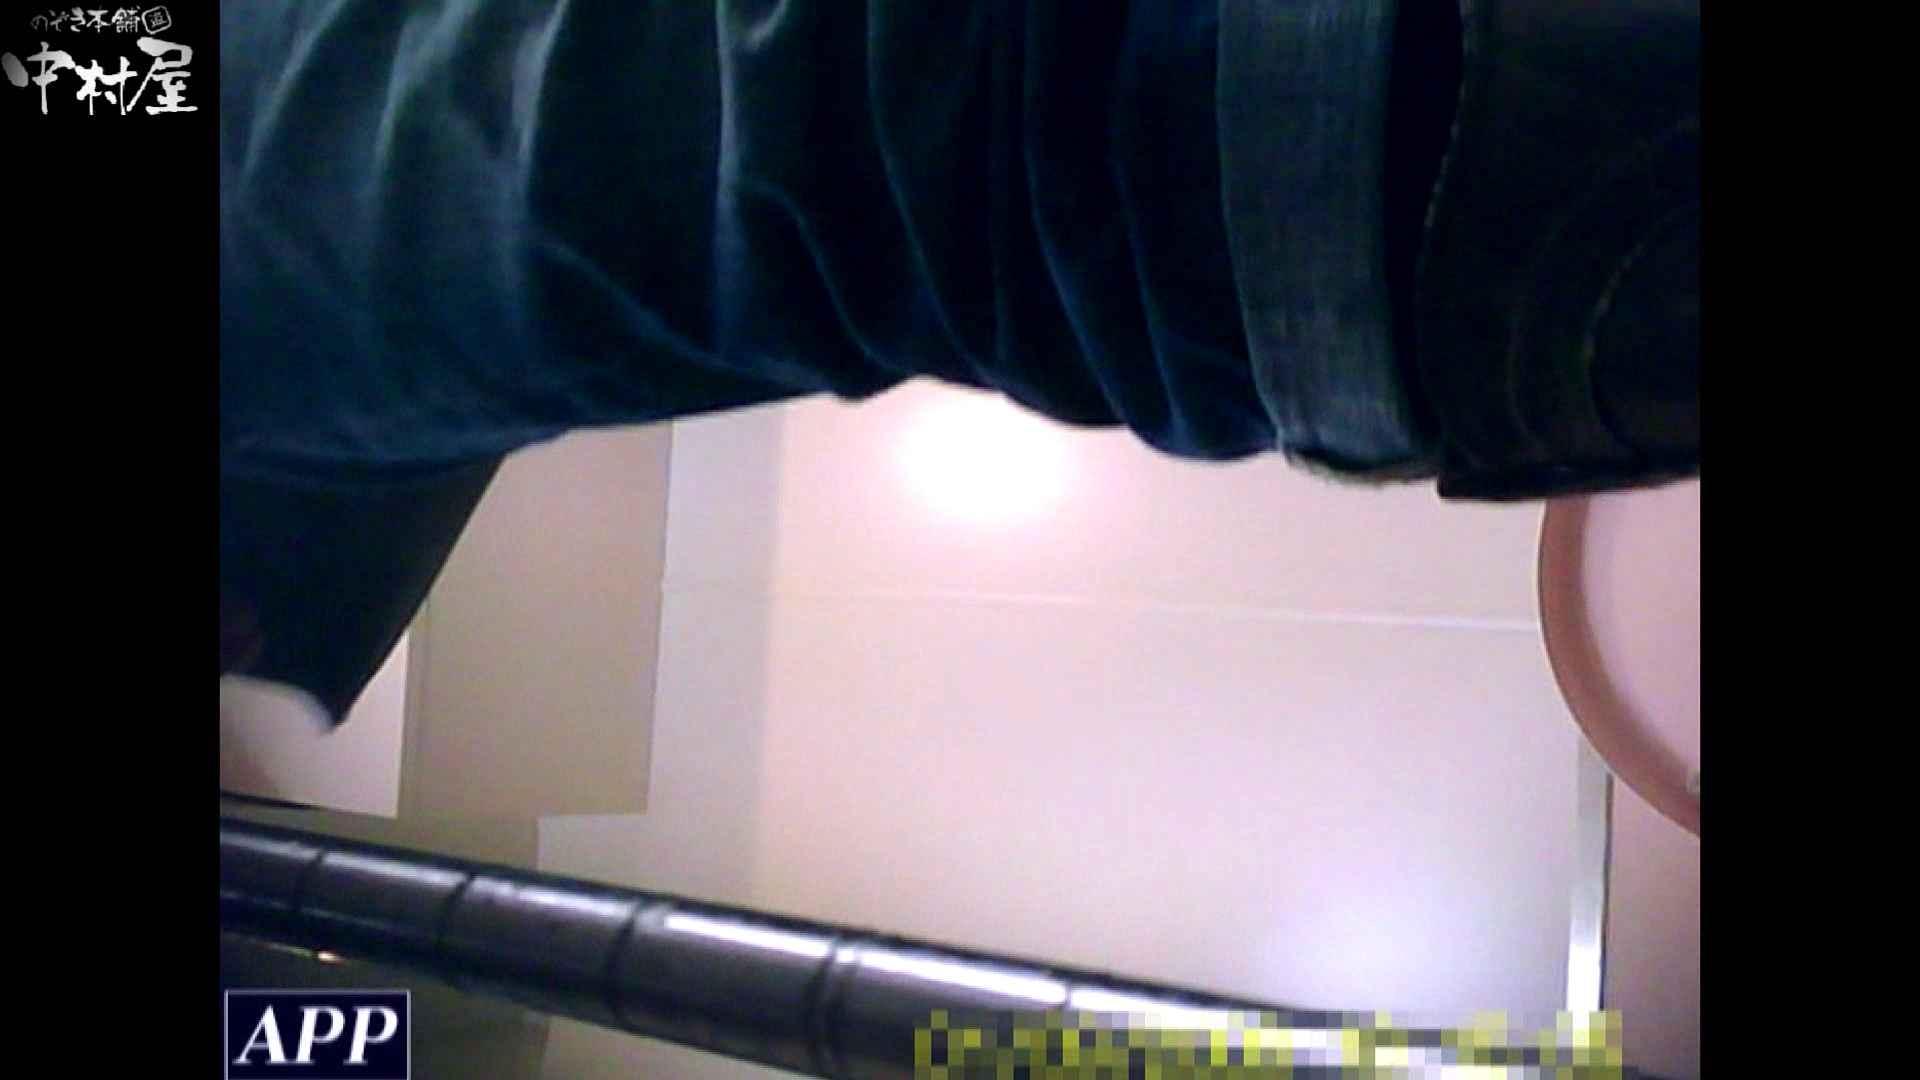 三つ目で盗撮 vol.37 モロだしオマンコ セックス無修正動画無料 82pic 78